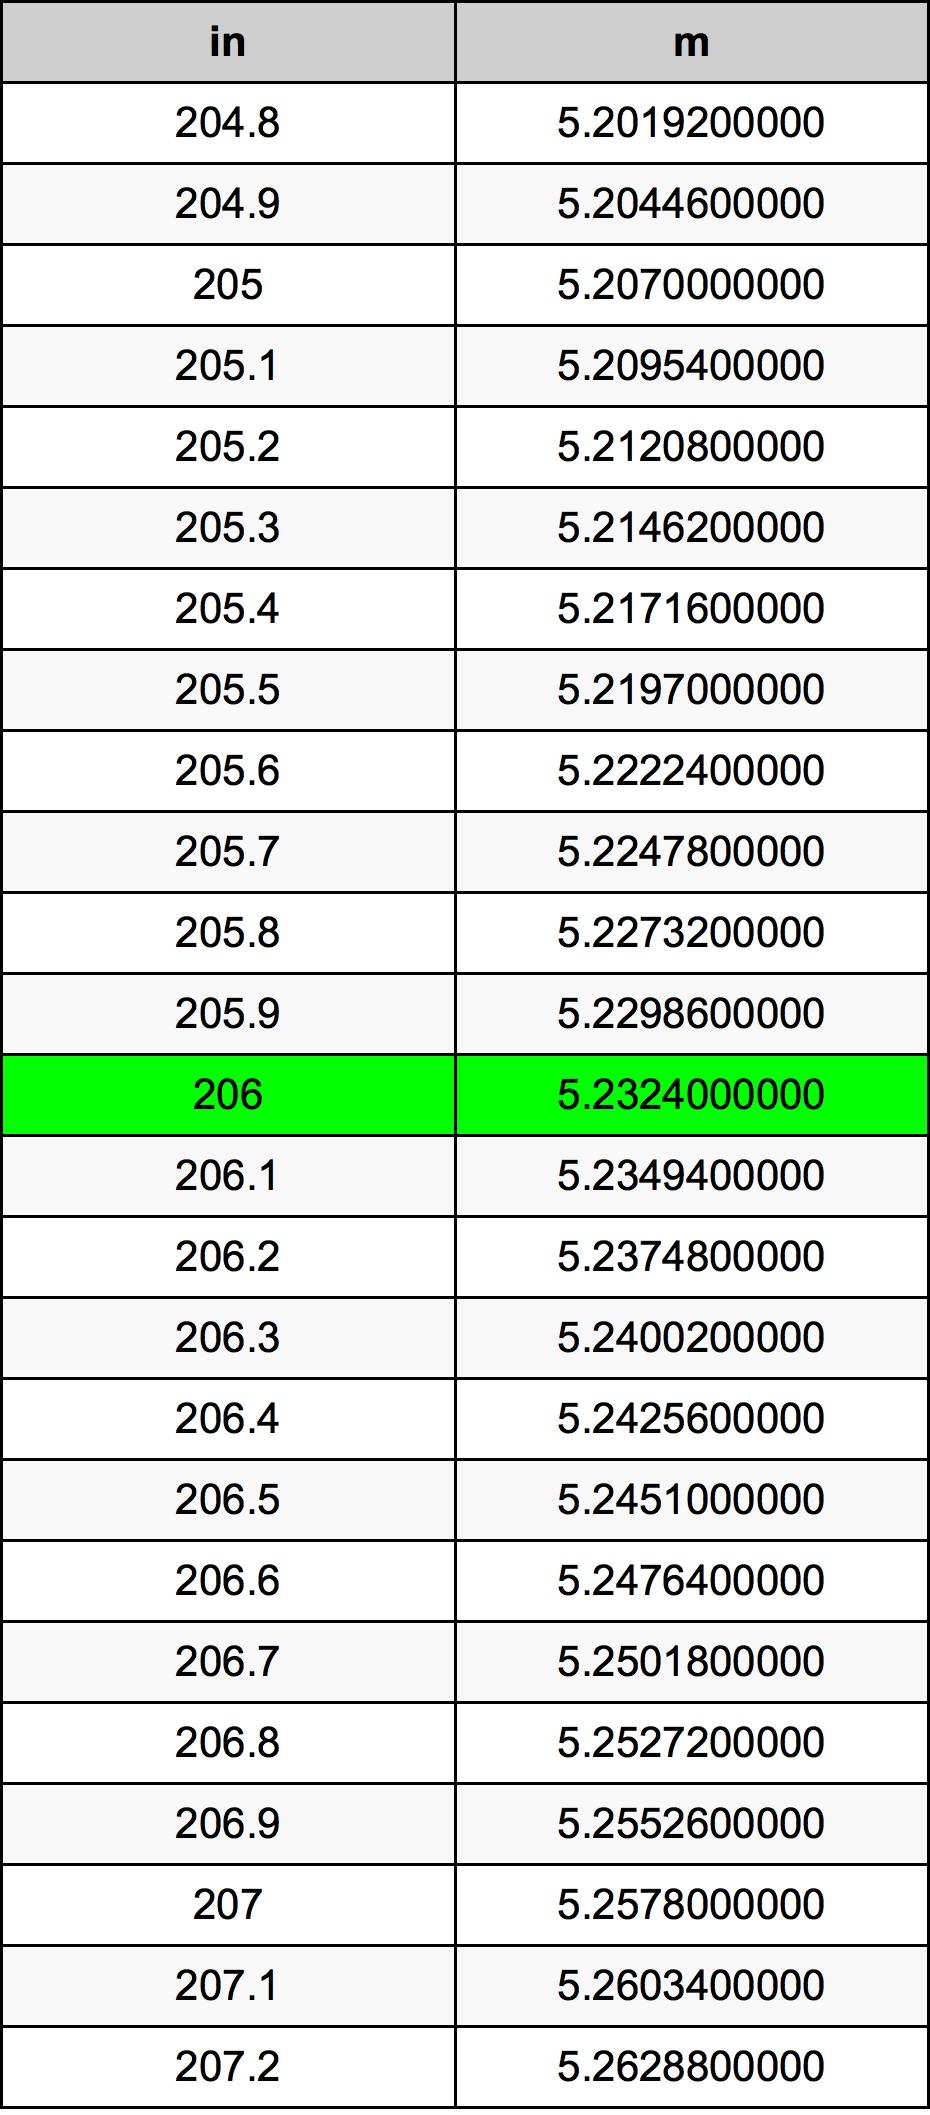 206 Pulzier konverżjoni tabella